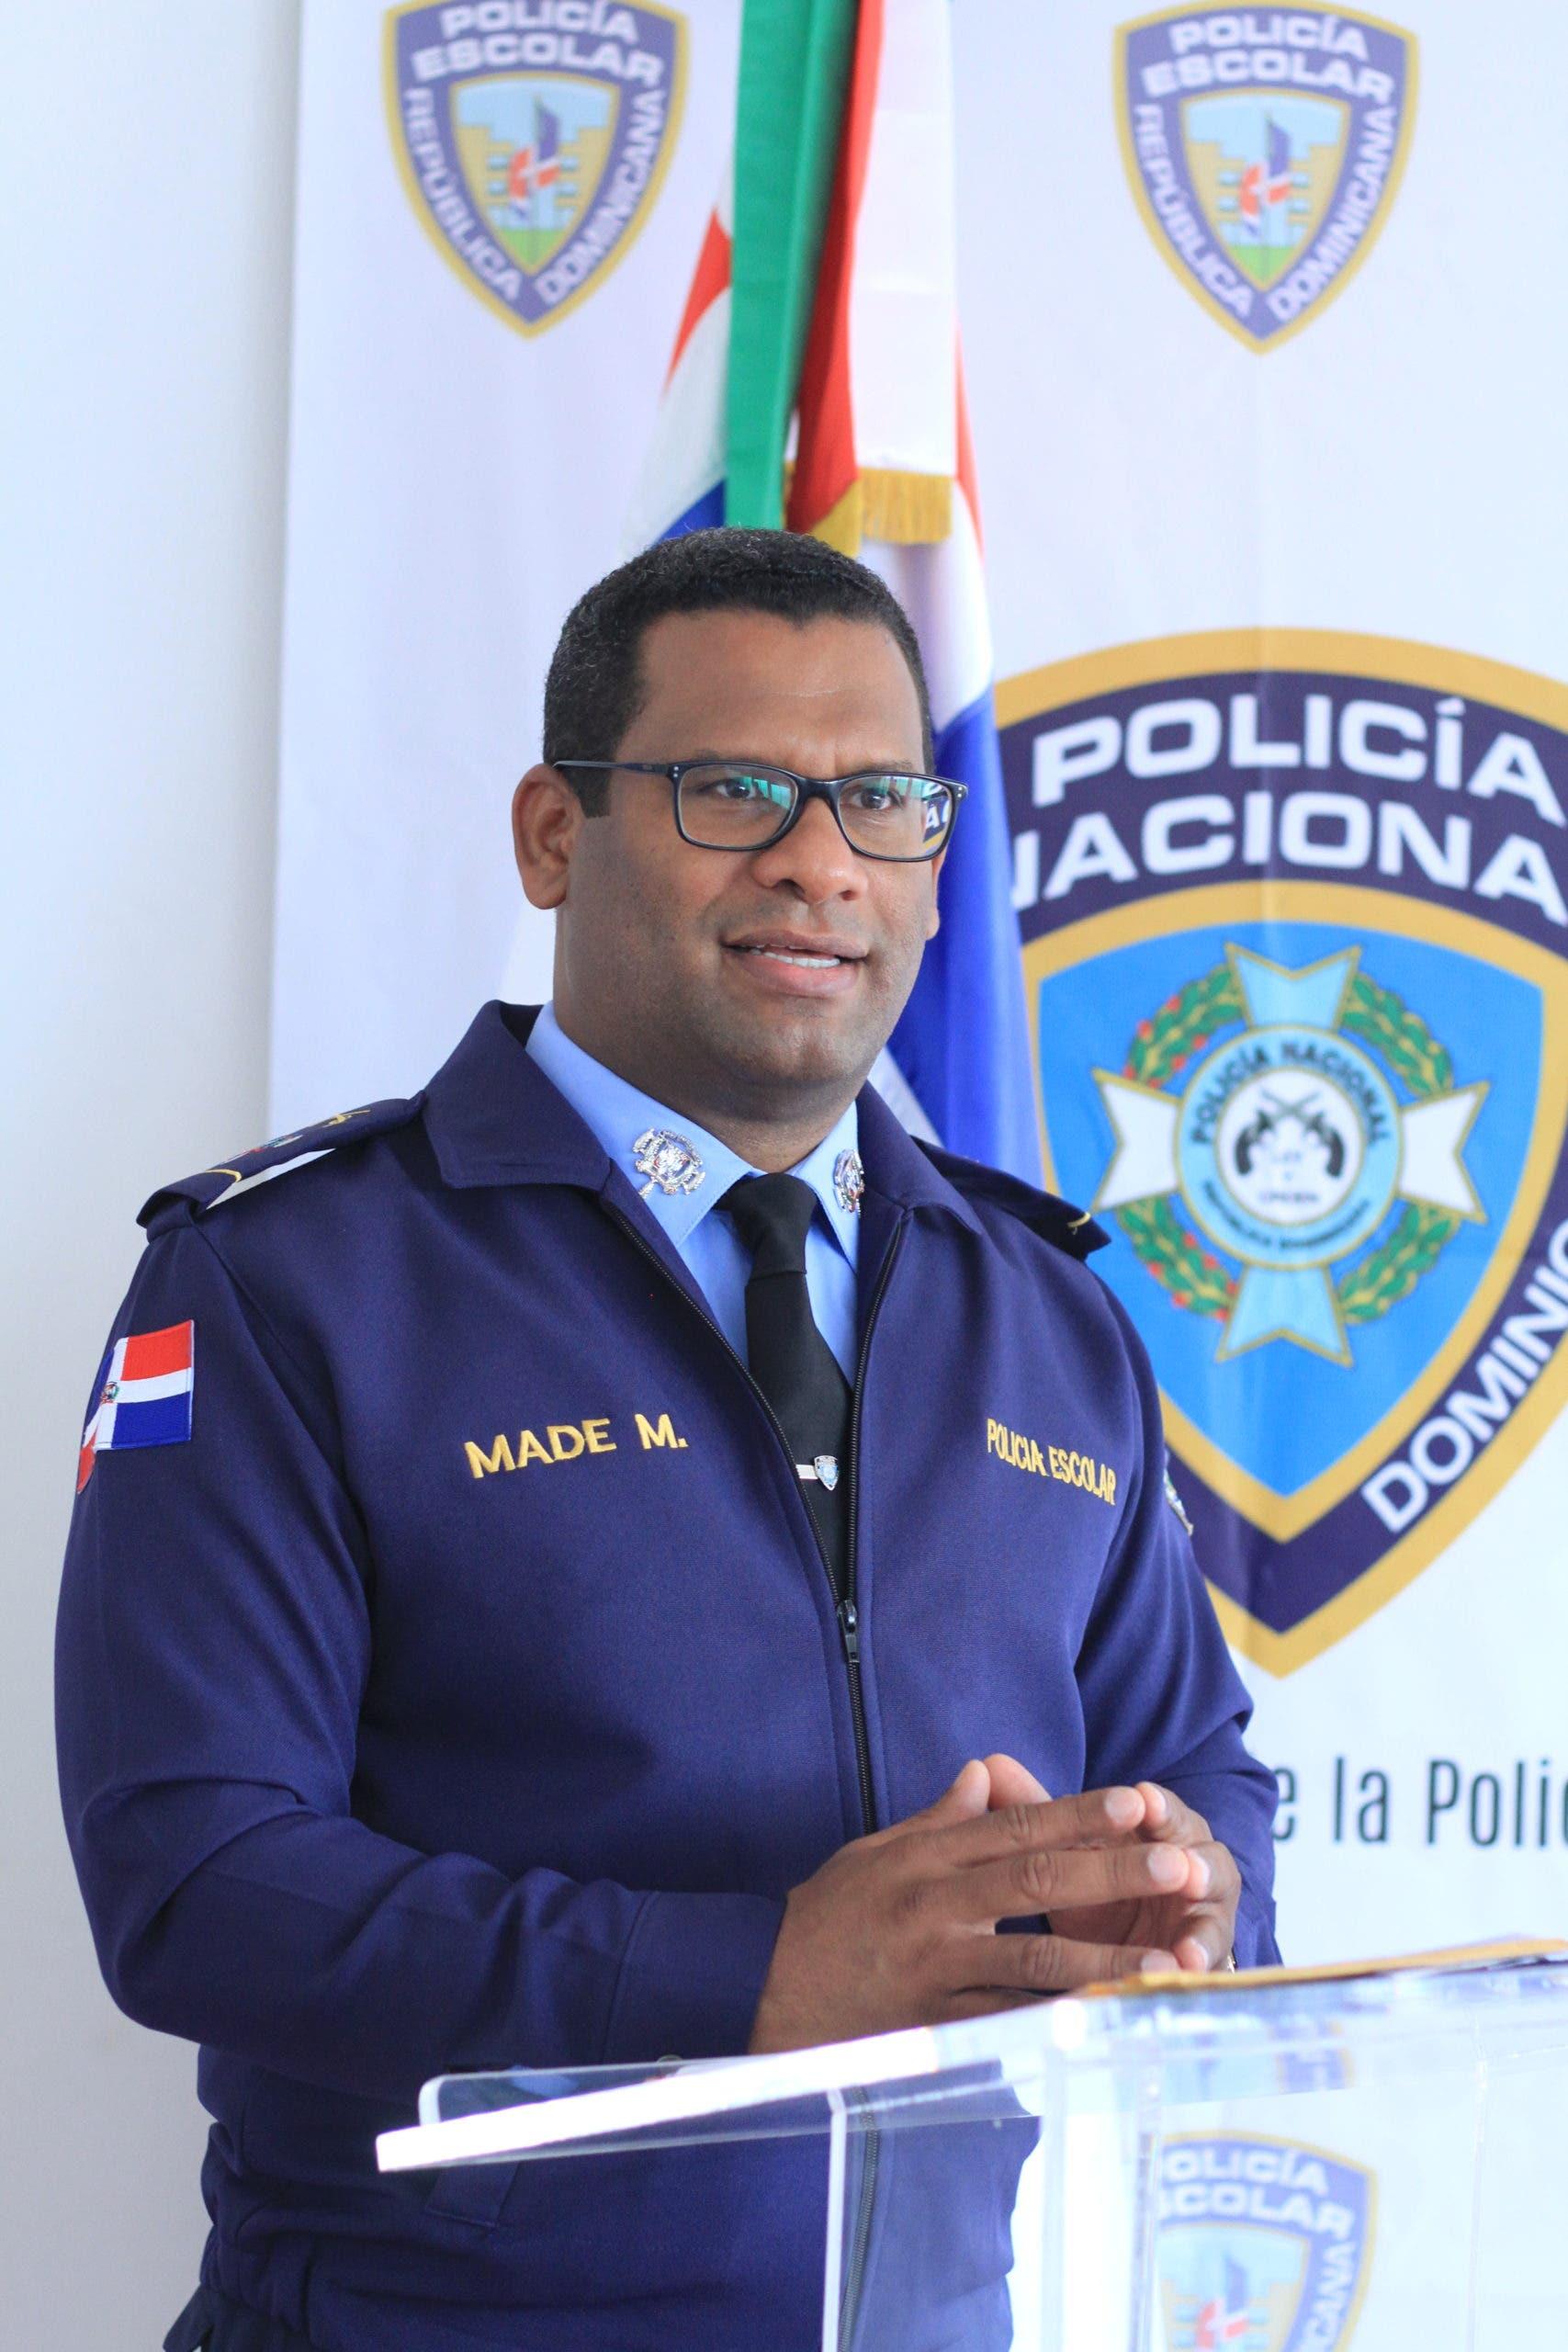 Policía Escolar lista para proteger comunidad educativa